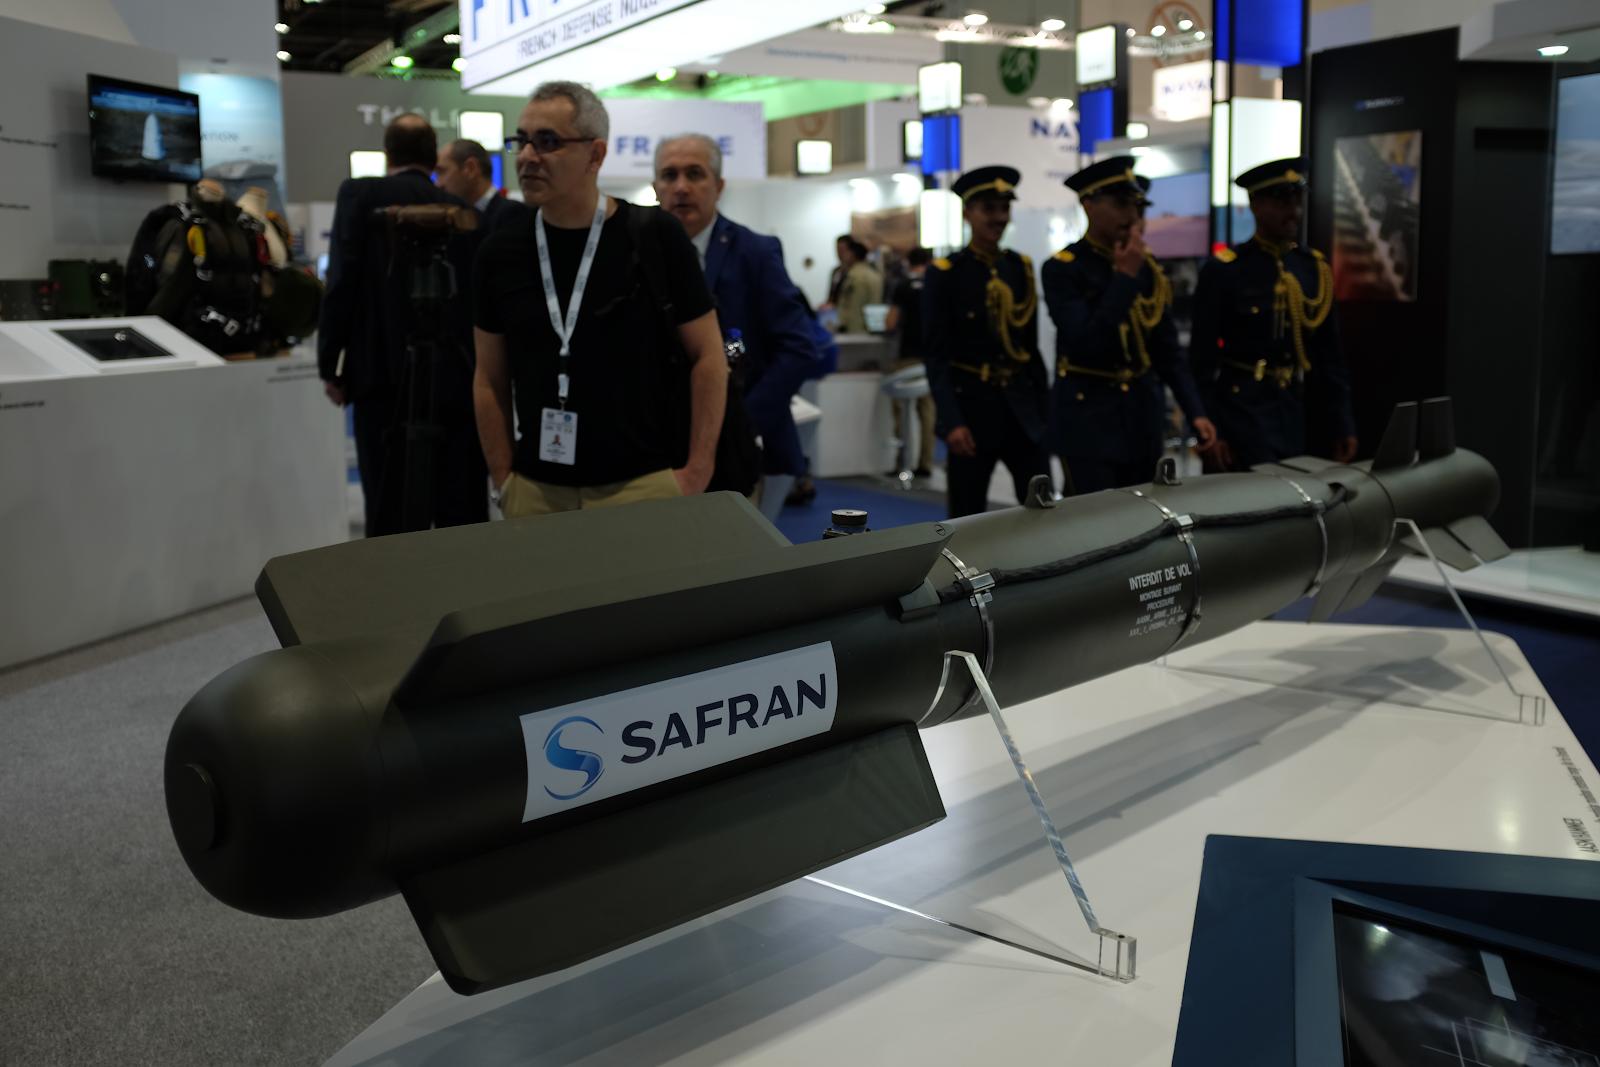 Safrans monter på vapenmässan IDEX i Abu Dhabi, Förenade arabemiraten, februari 2019. Foto: Linda Åkerström/Svenska Freds.